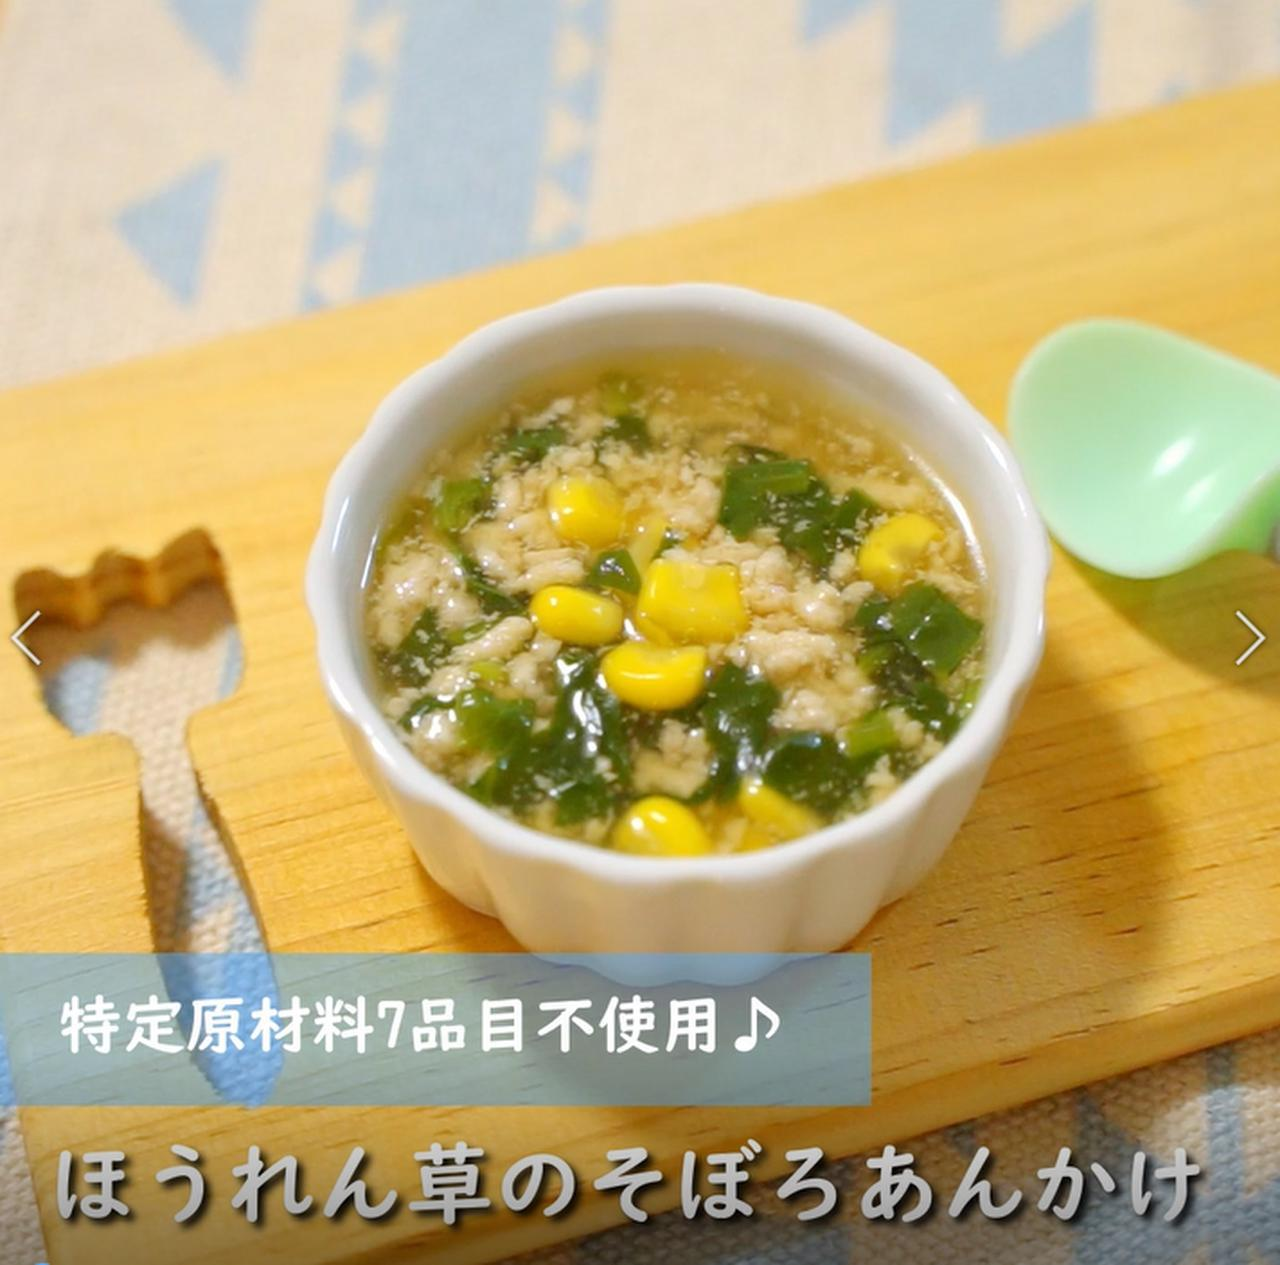 画像: 離乳食 後期レシピ!ほうれん草のそぼろあんかけ - 君とごはん